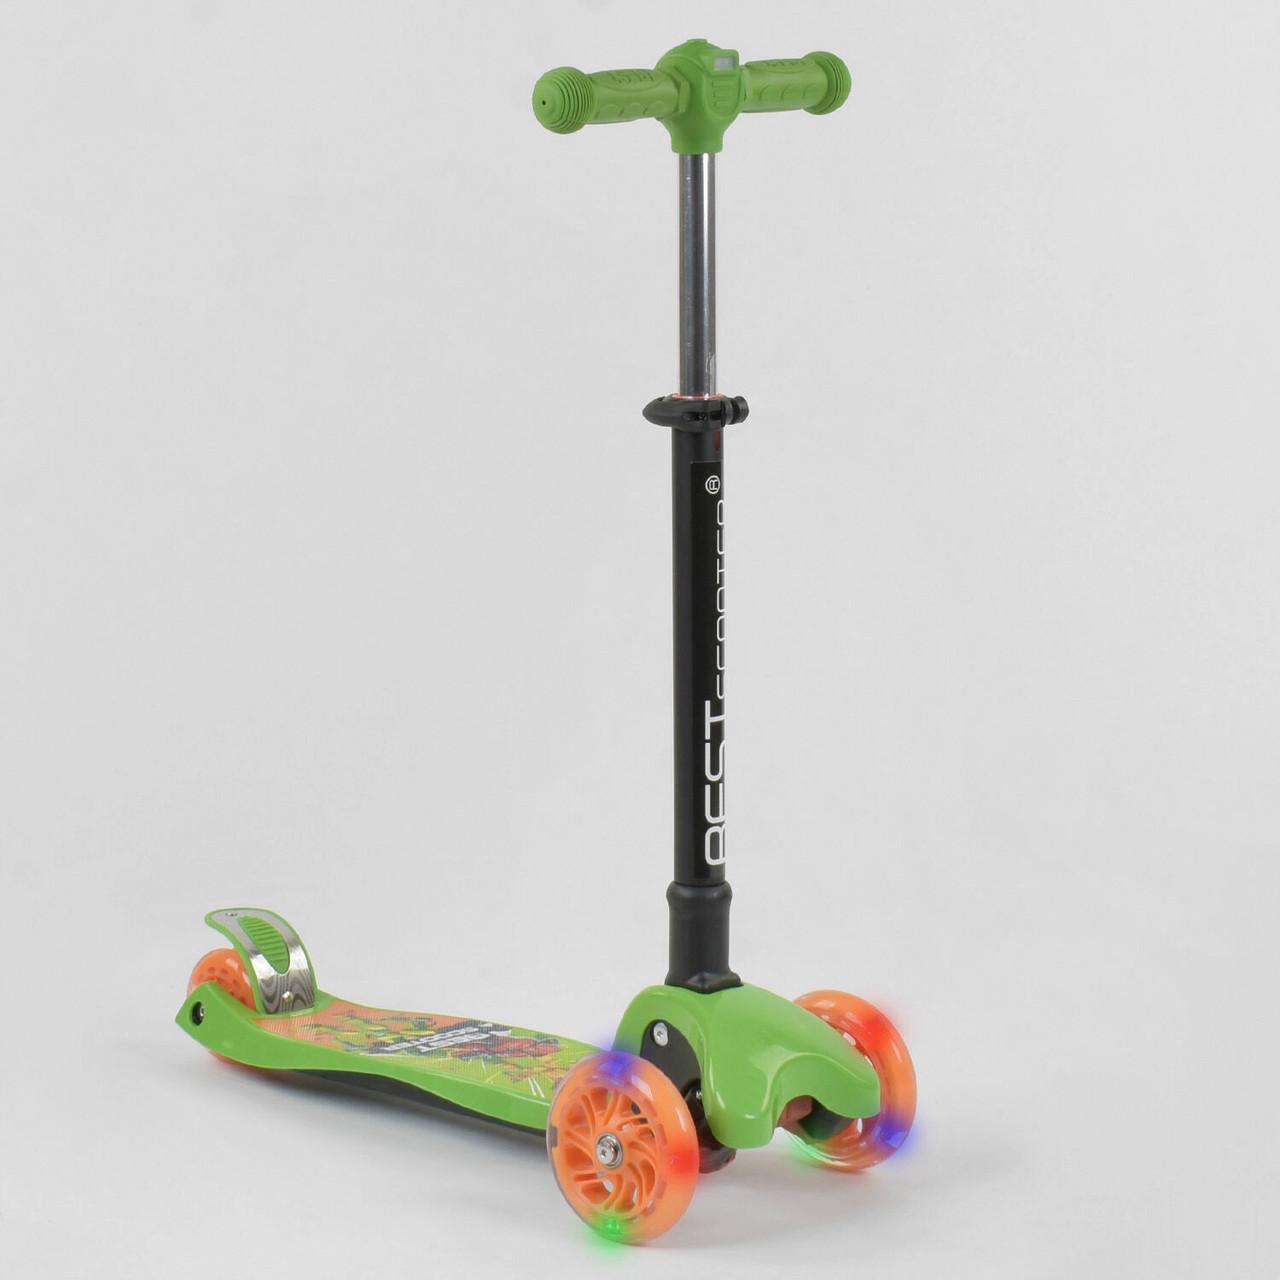 Детский складной трехколесный самокат Best Scooter 92324 Зеленый с фонариком